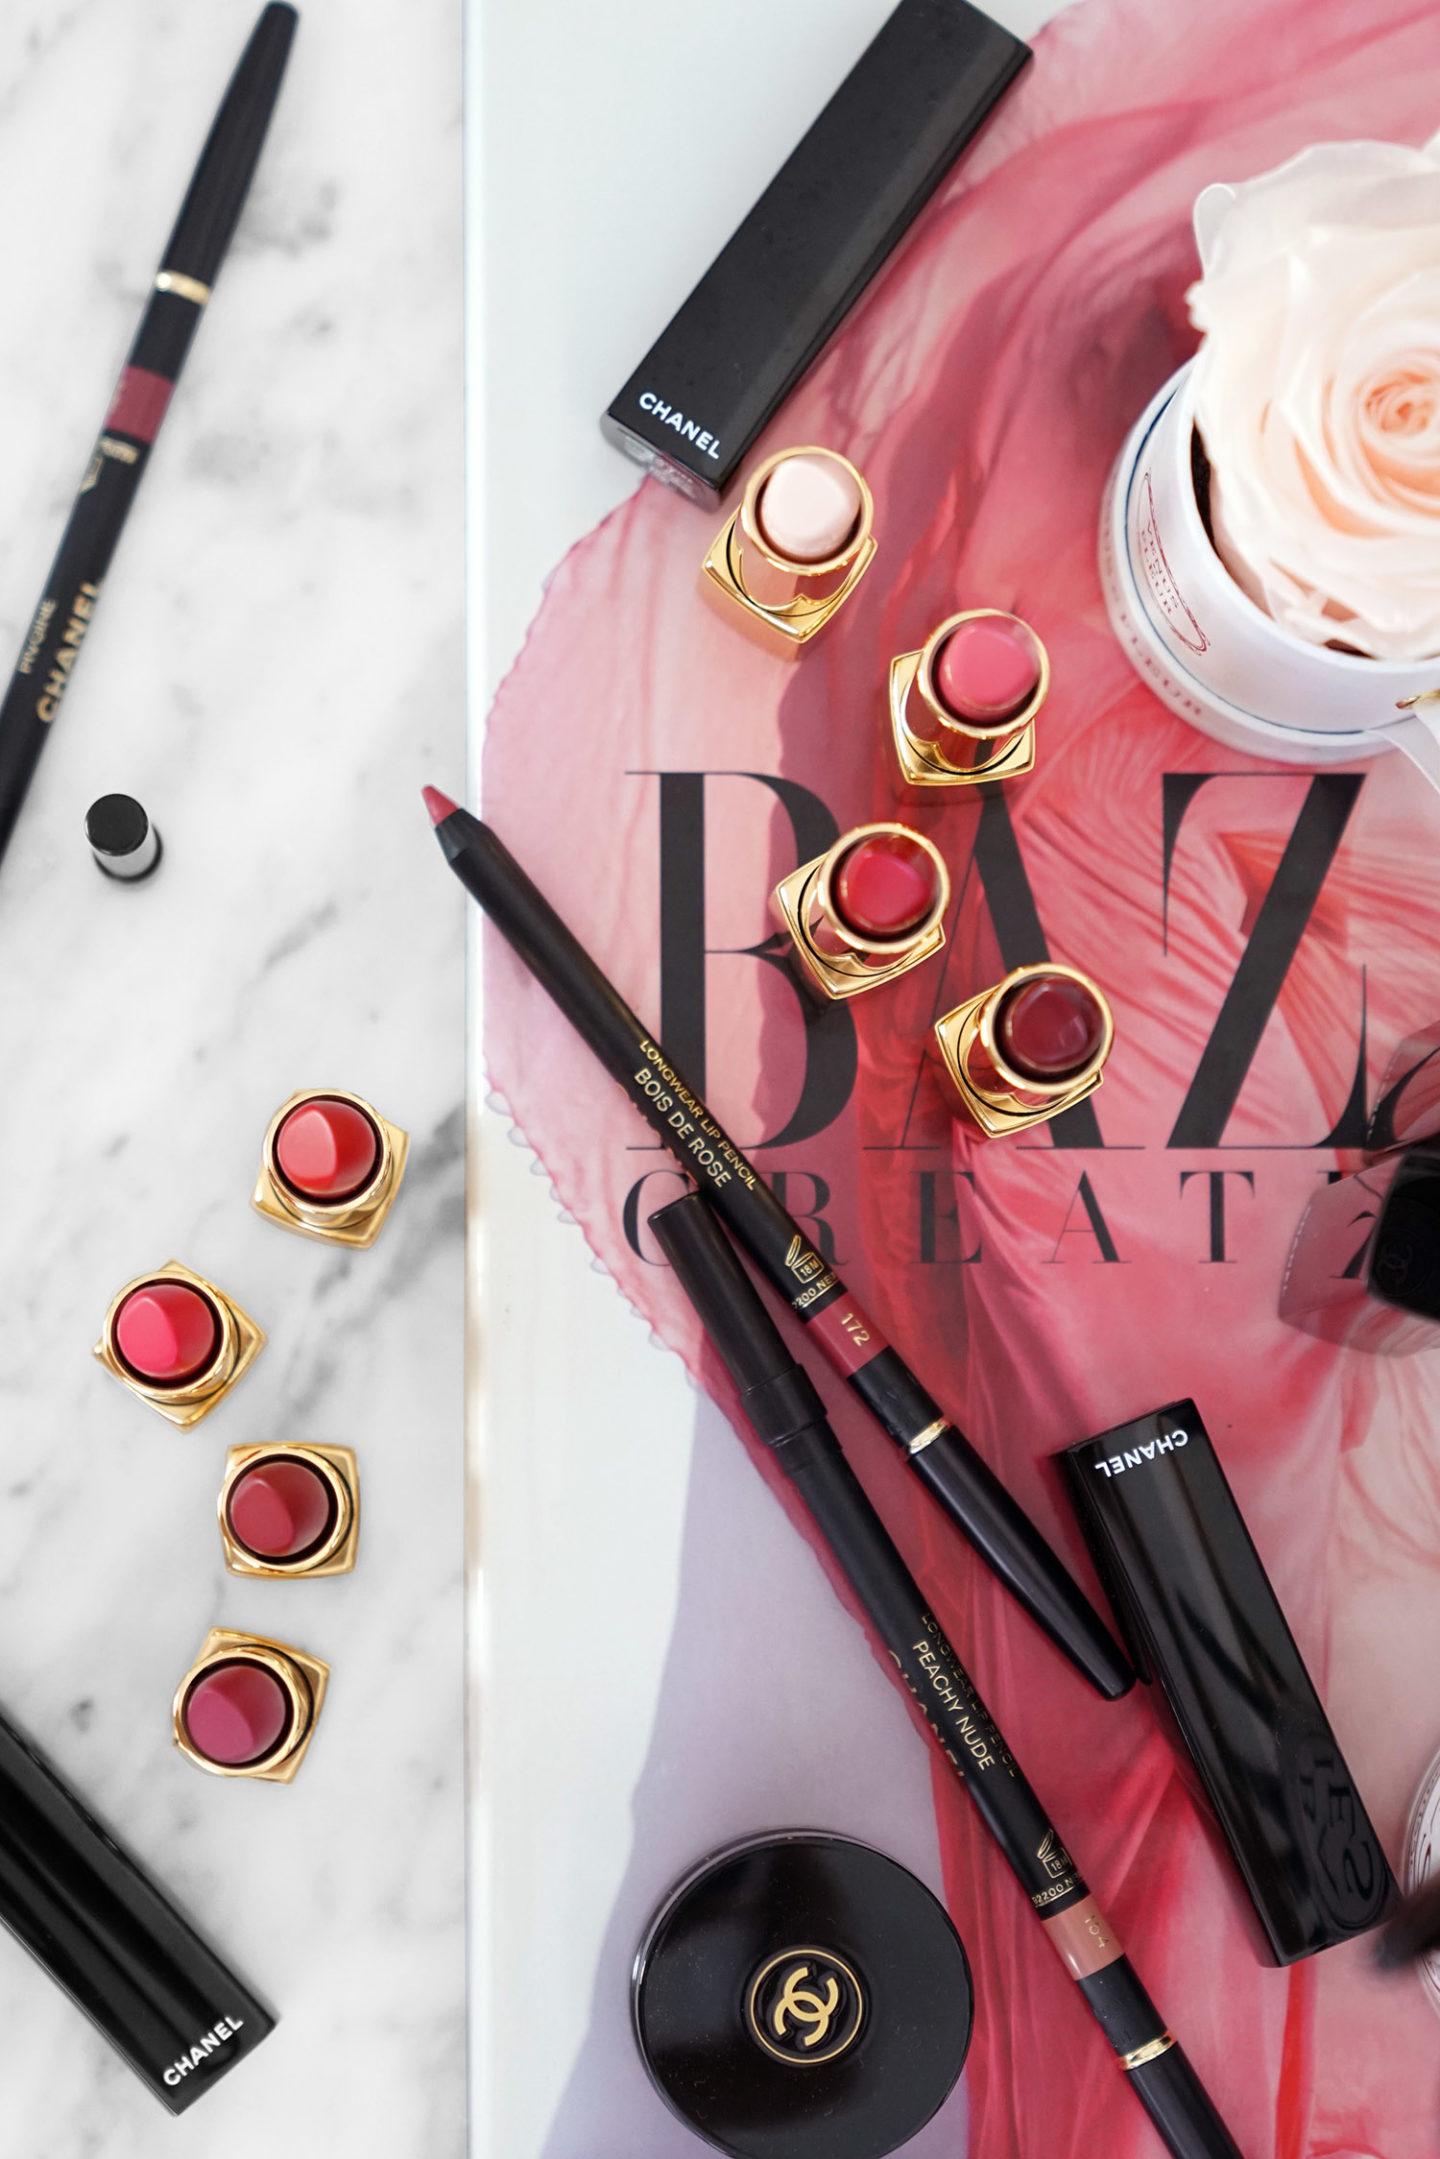 Chanel Rouge Allure Camelia et Velvet Review